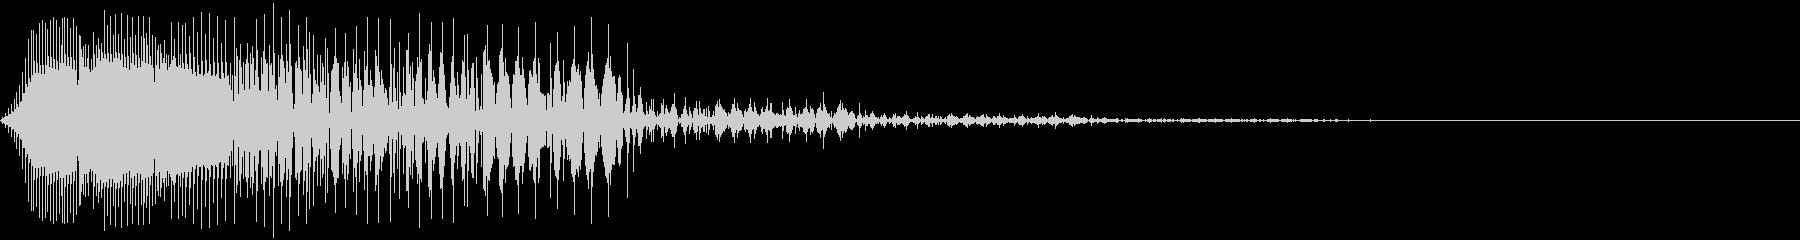 「キャンセル」などのイメージの電子音の未再生の波形